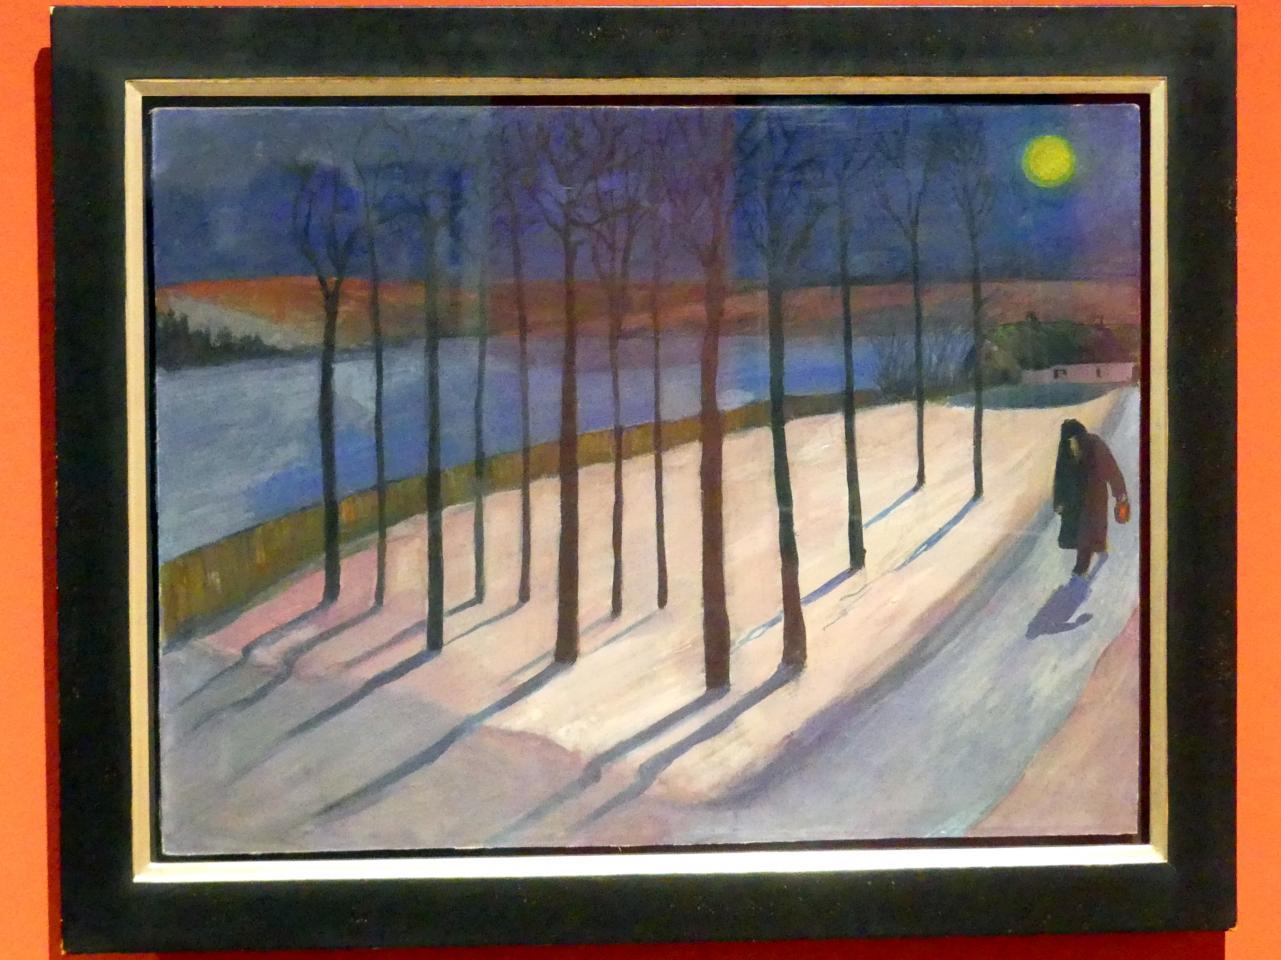 Marianne von Werefkin: Mondnacht, 1909 - 1910